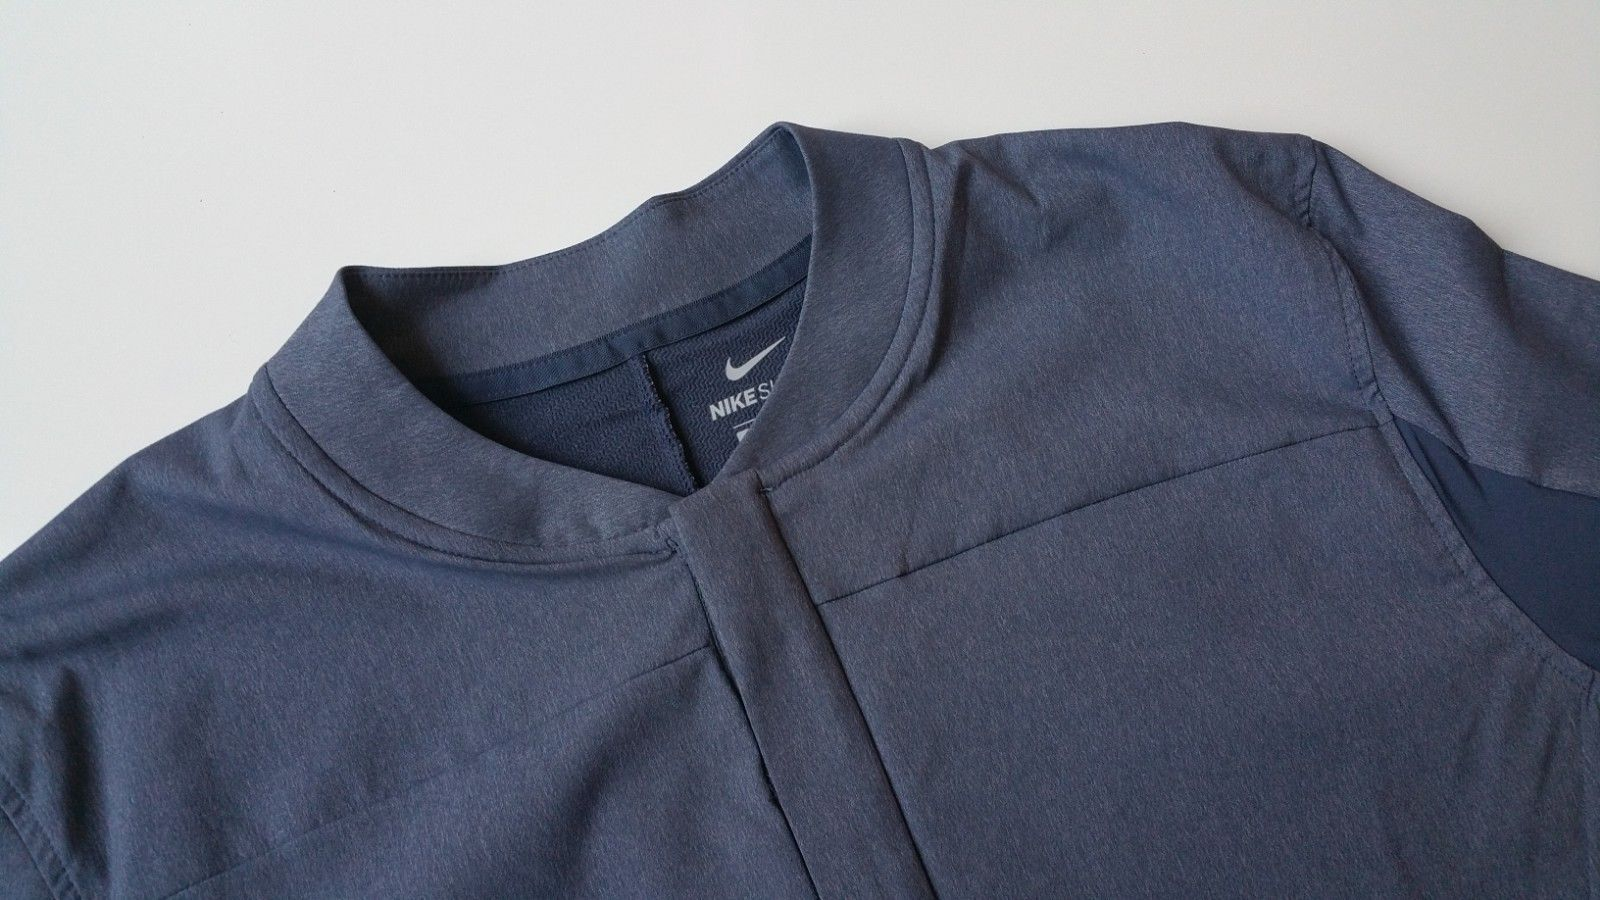 0739ec58ec4b Coats and Jackets 181134  New Nike Golf Shield Half Zip Blade Wind Jacket